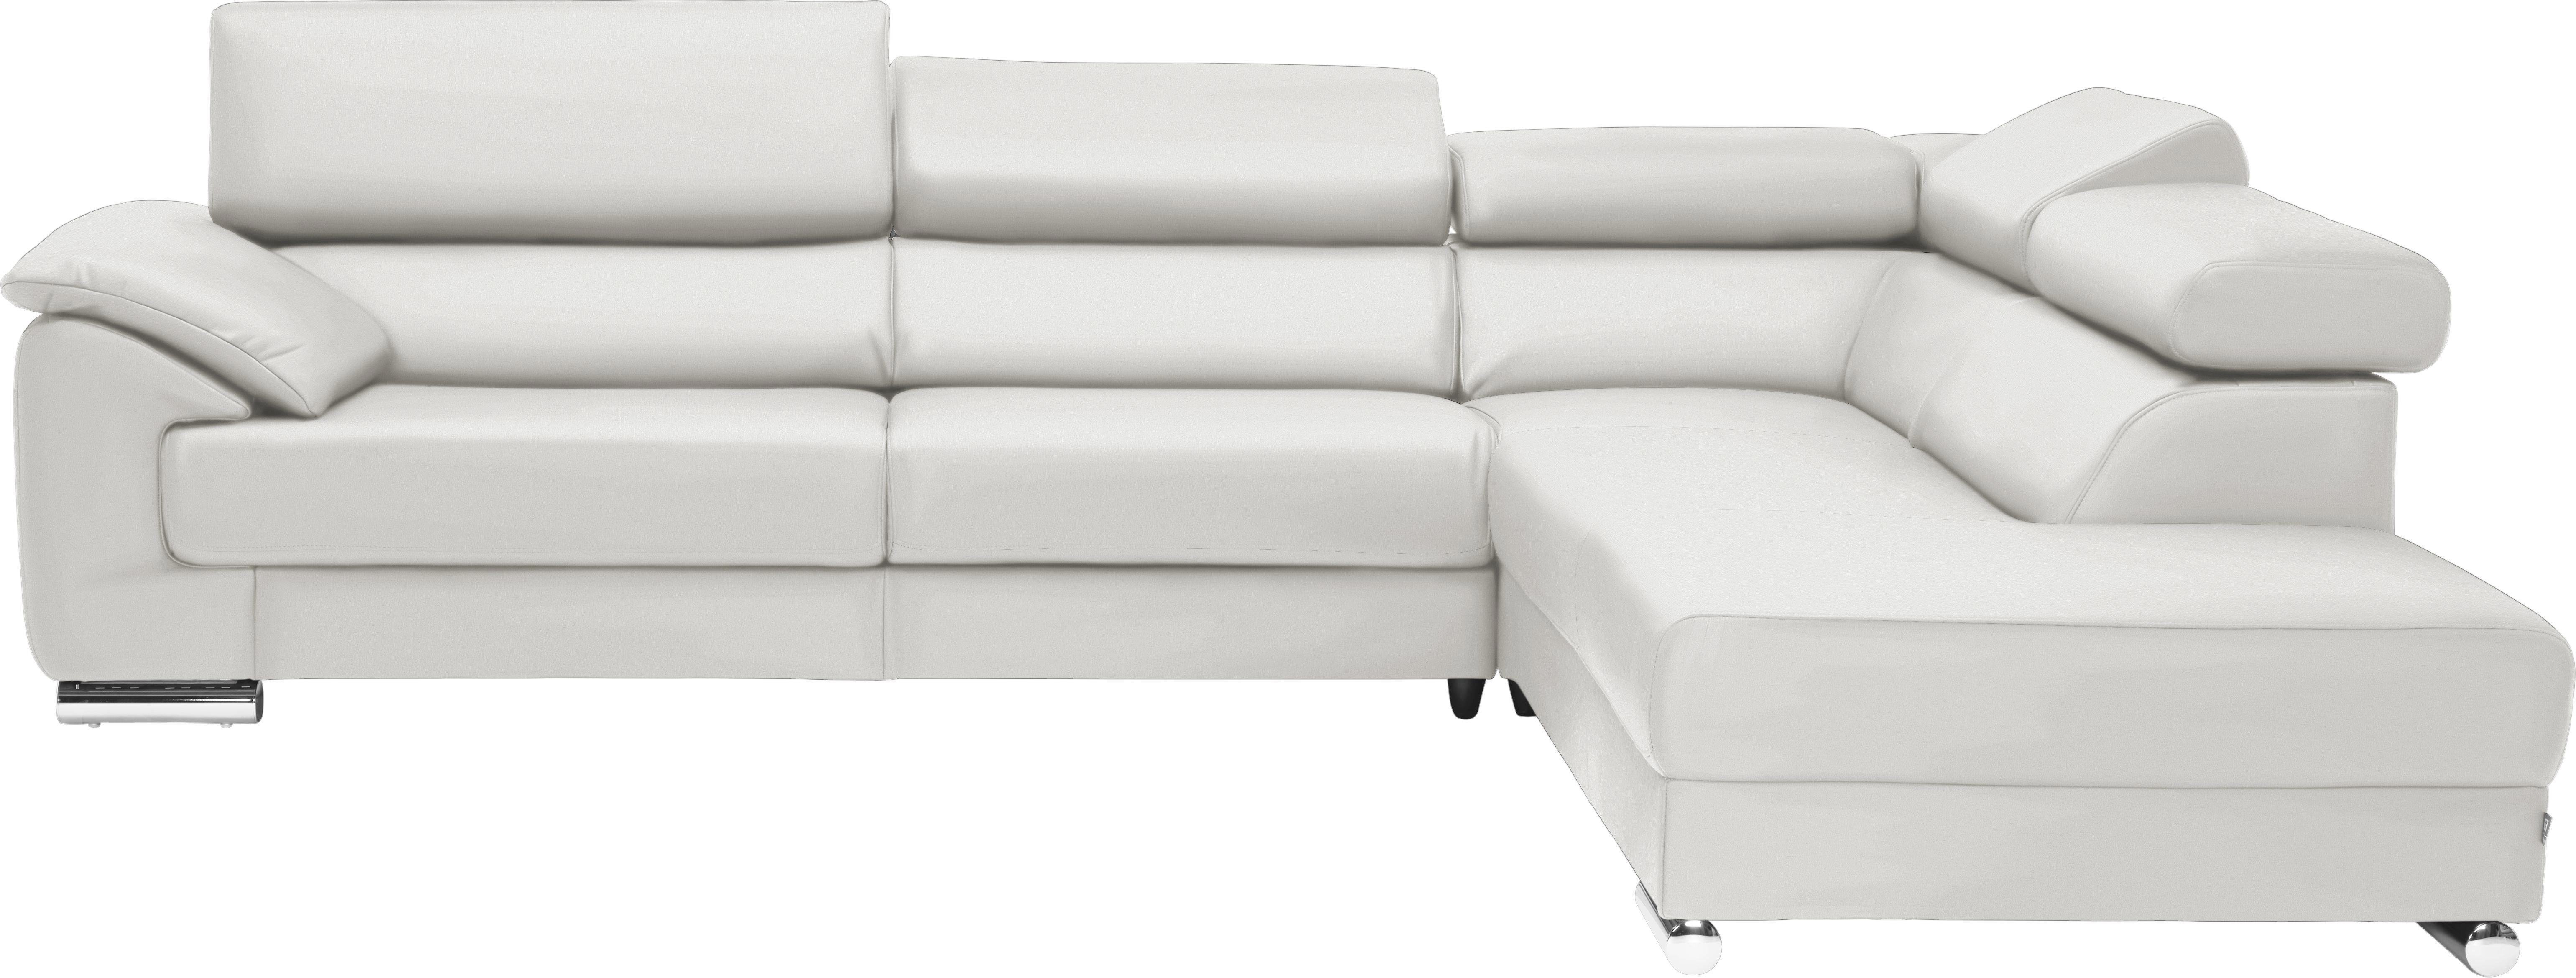 Top Ergebnis 50 Best Weißes Big sofa Grafiken 2018 Pkt6 2017